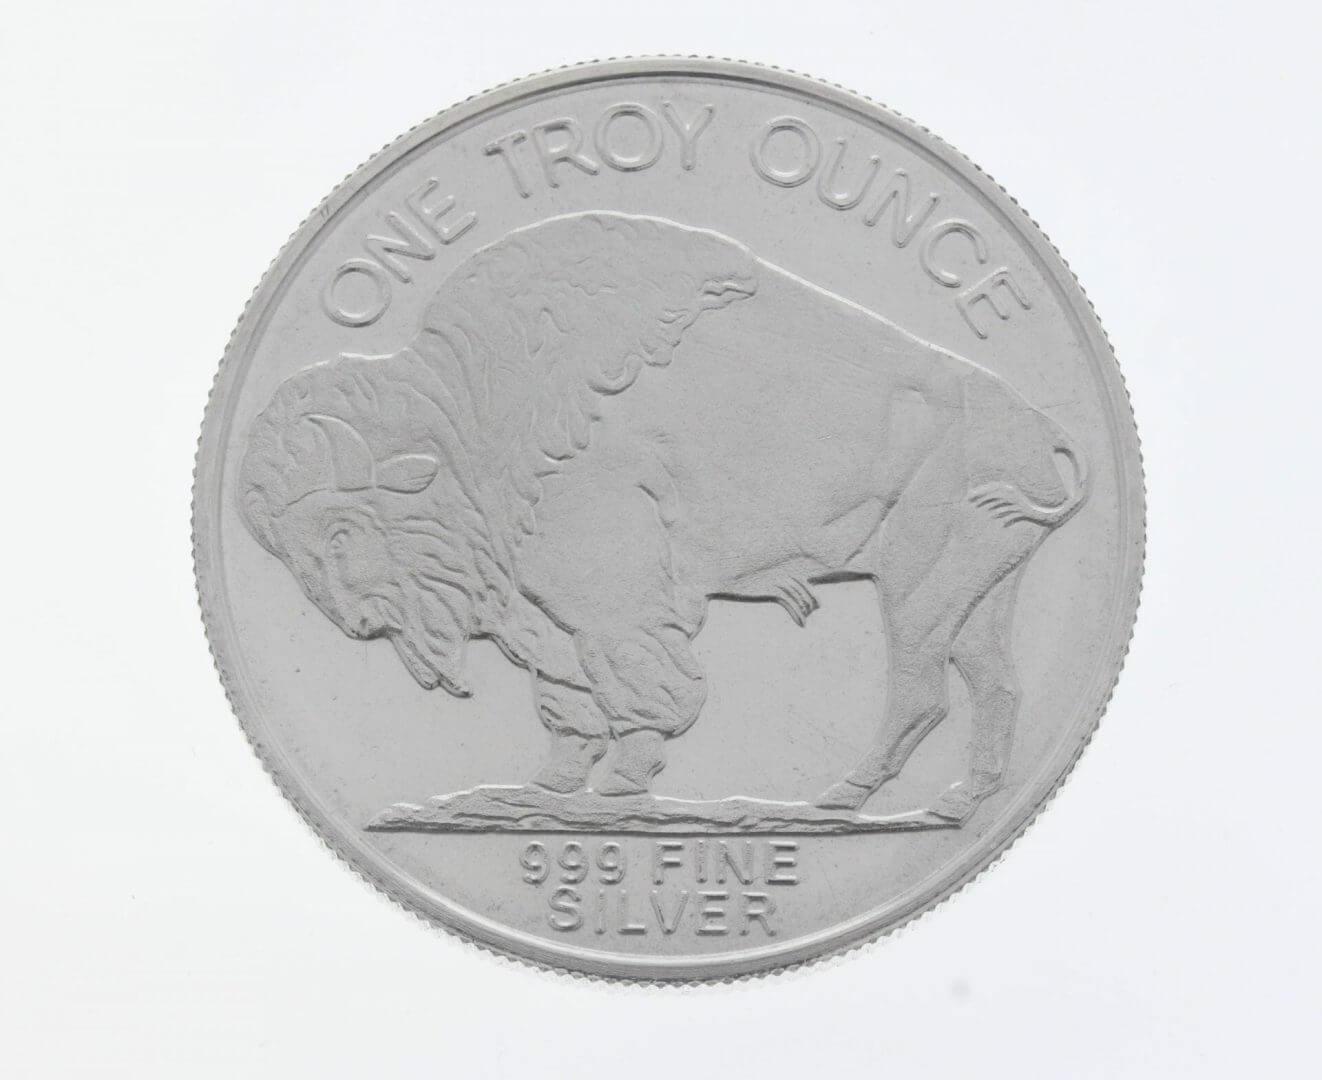 Buffalo / Indian Head 1oz .999 Silver Bullion Coin - Highland Mint 2